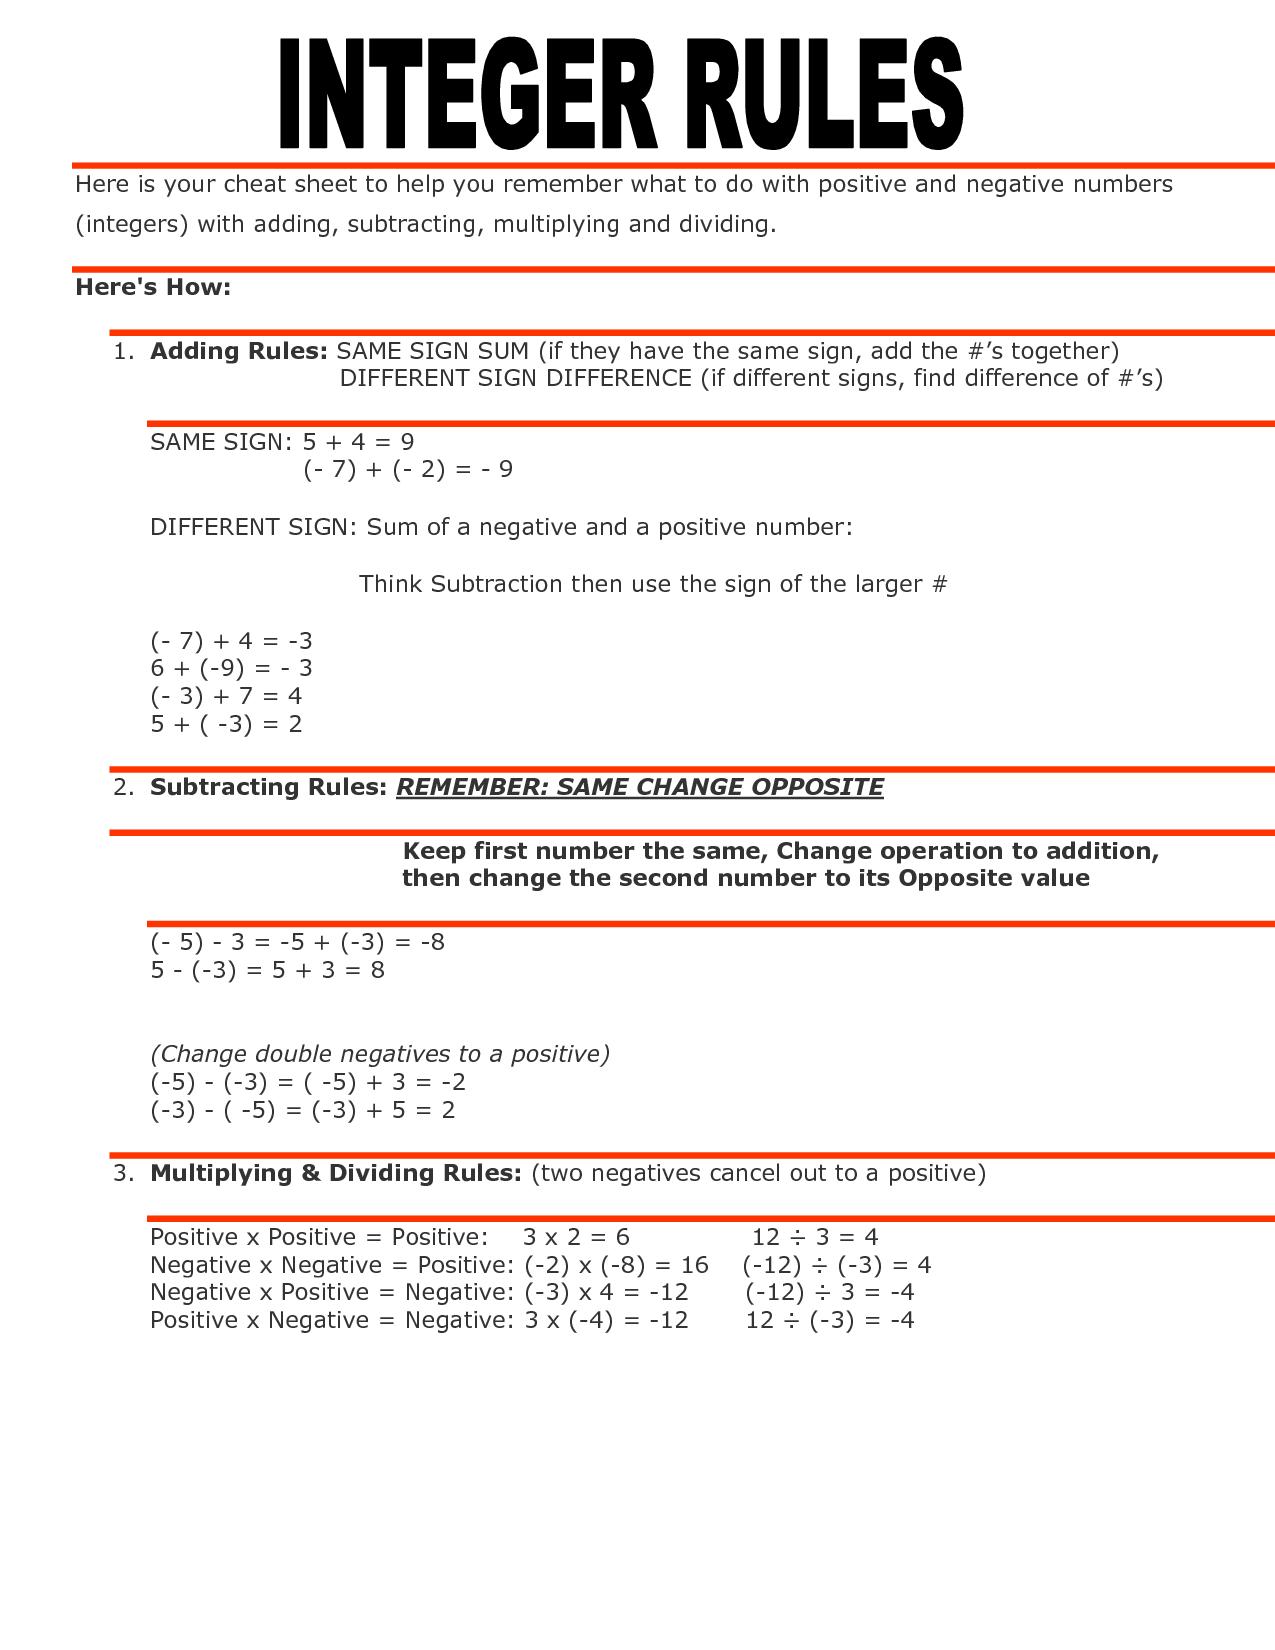 Integer Rules Imgcstoccdn Thumb Orig